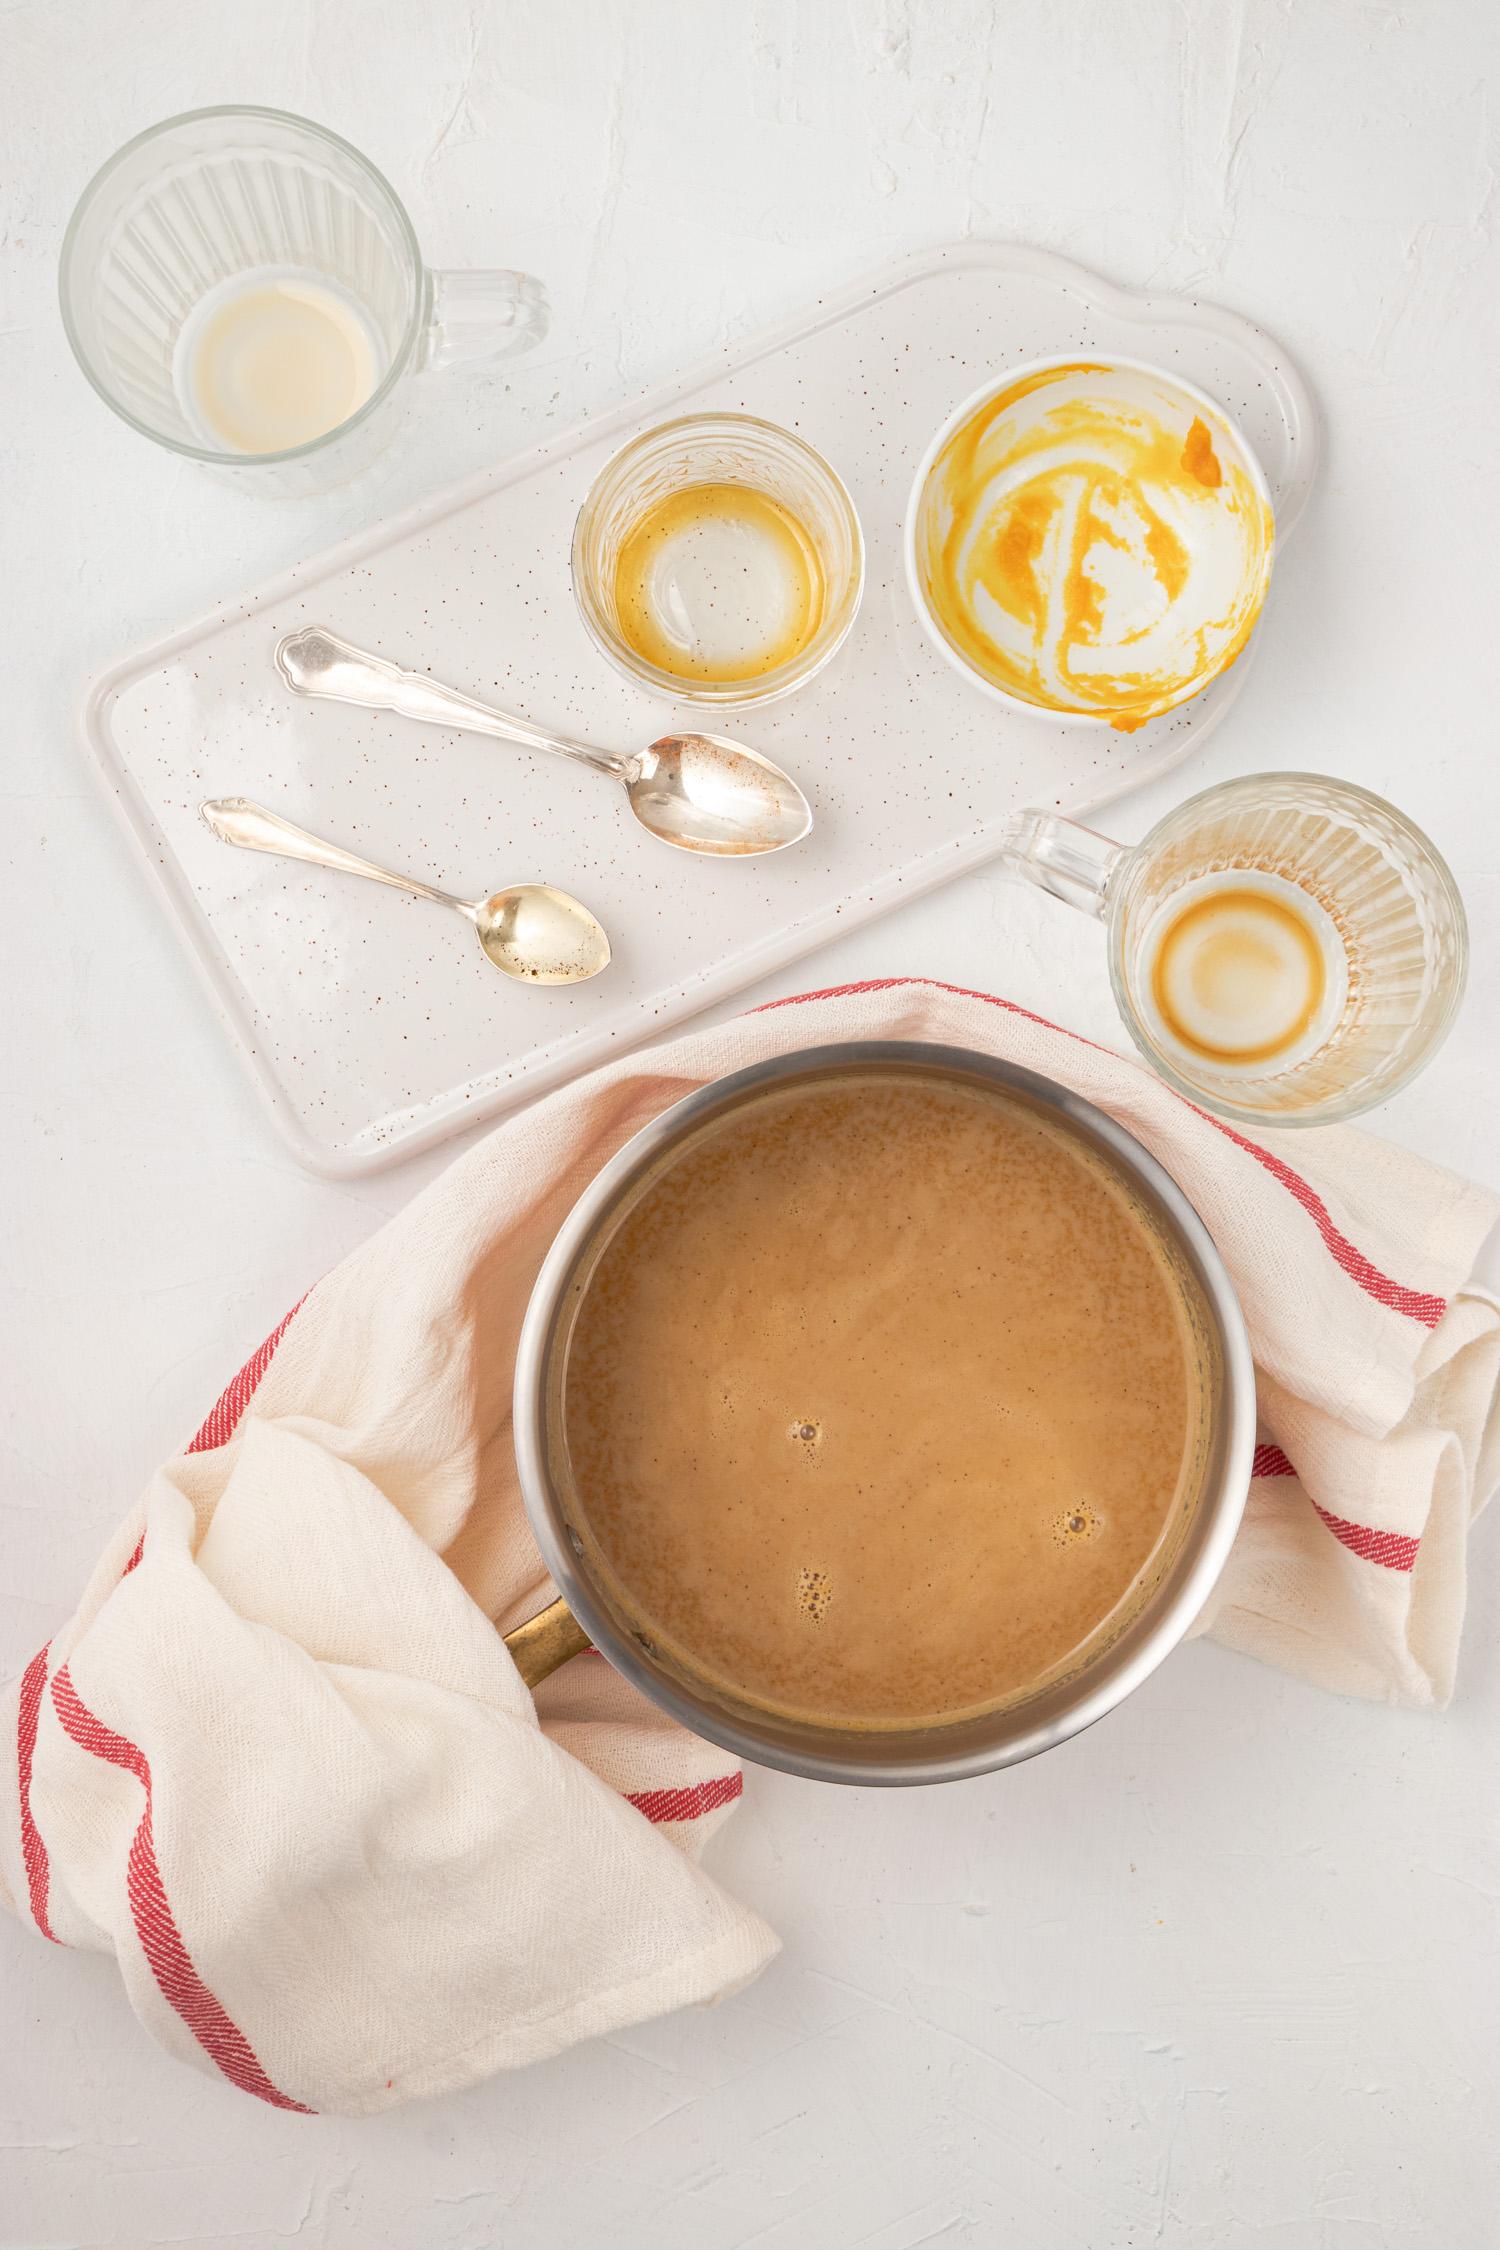 Low FODMAP Pumpkin Spice Latte Recipe